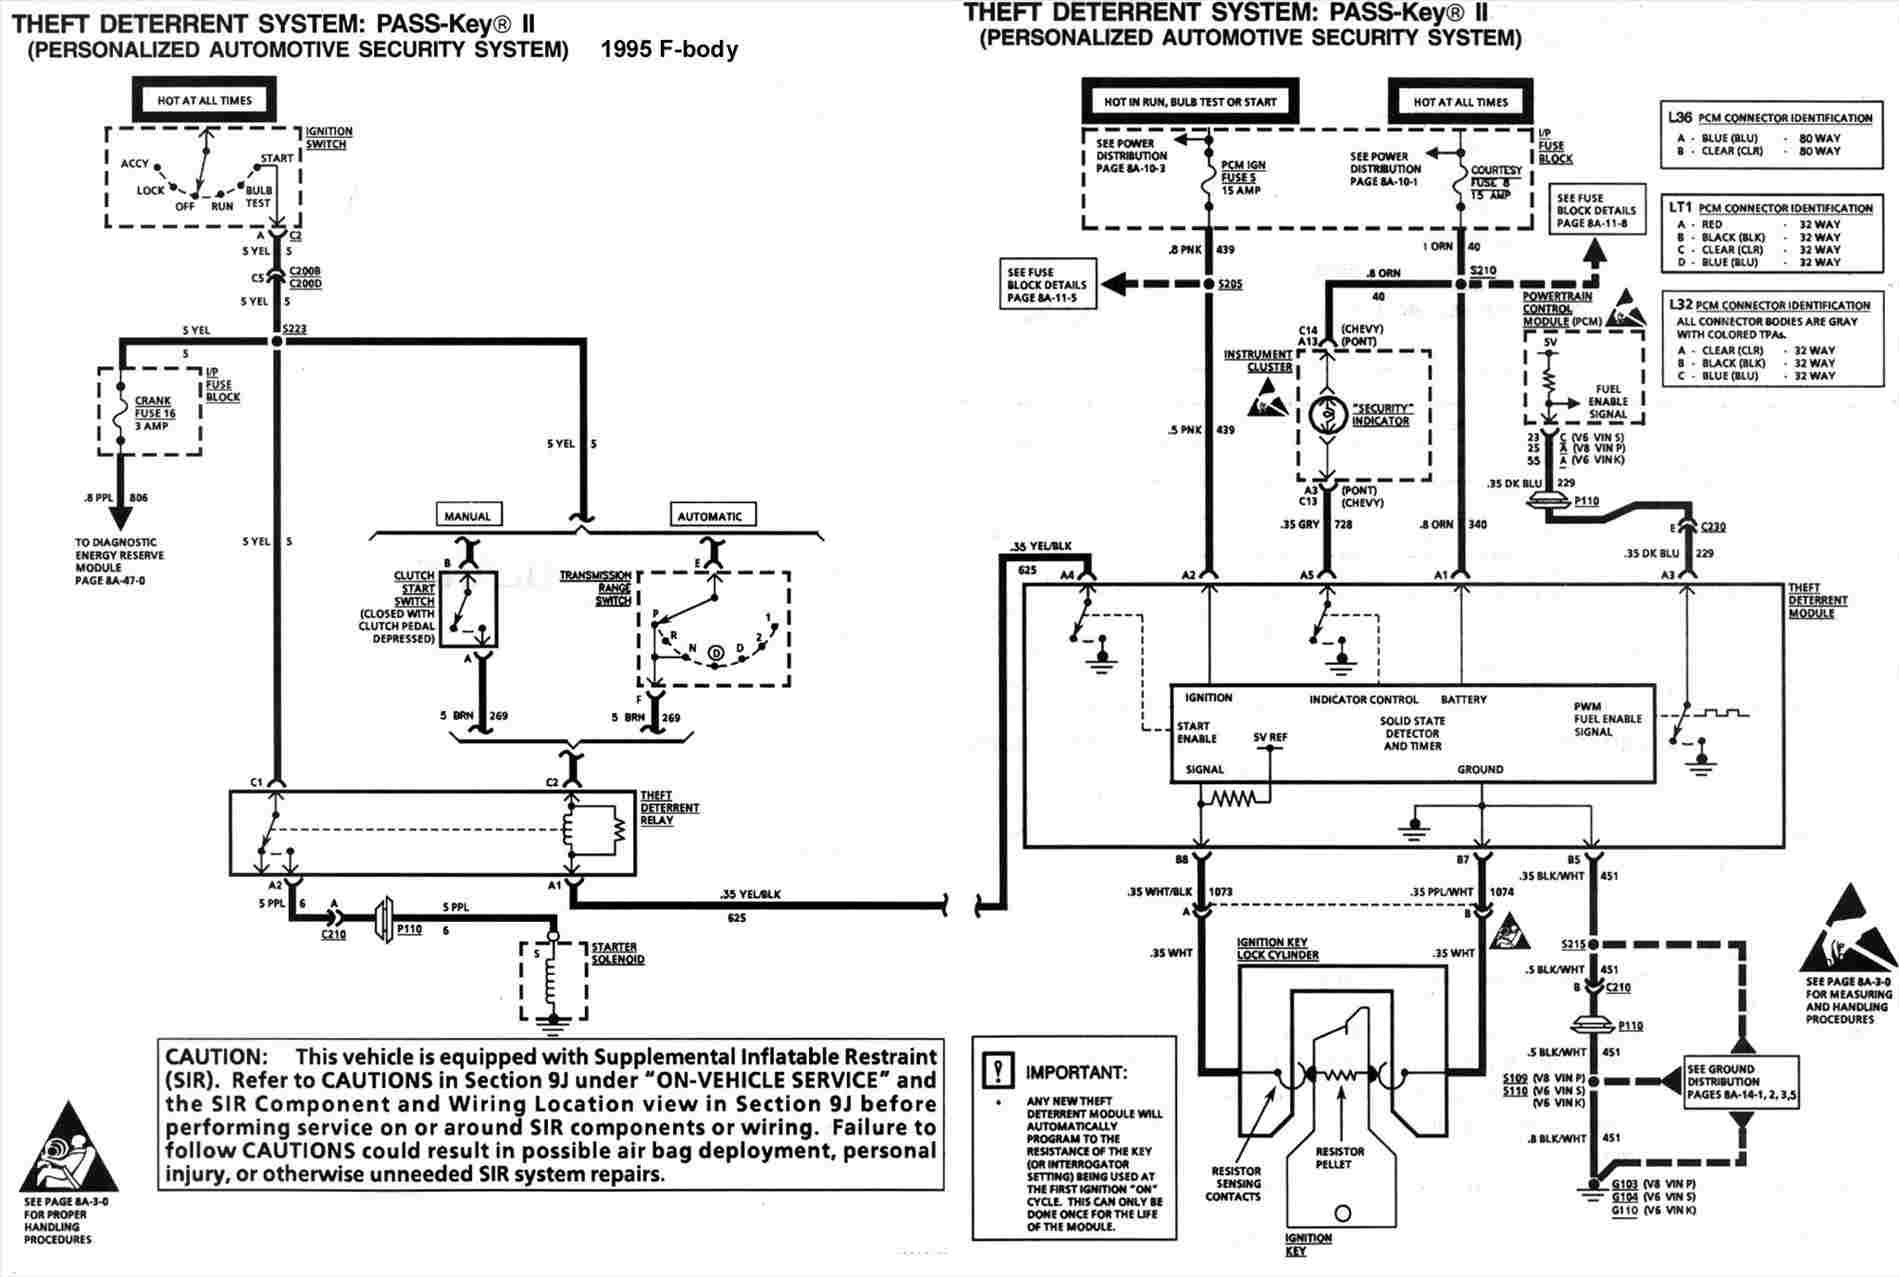 5 7 Vortec Wiring Harness - Wiring Diagram Detailed - 5.7 Vortec Engine Wiring Diagram